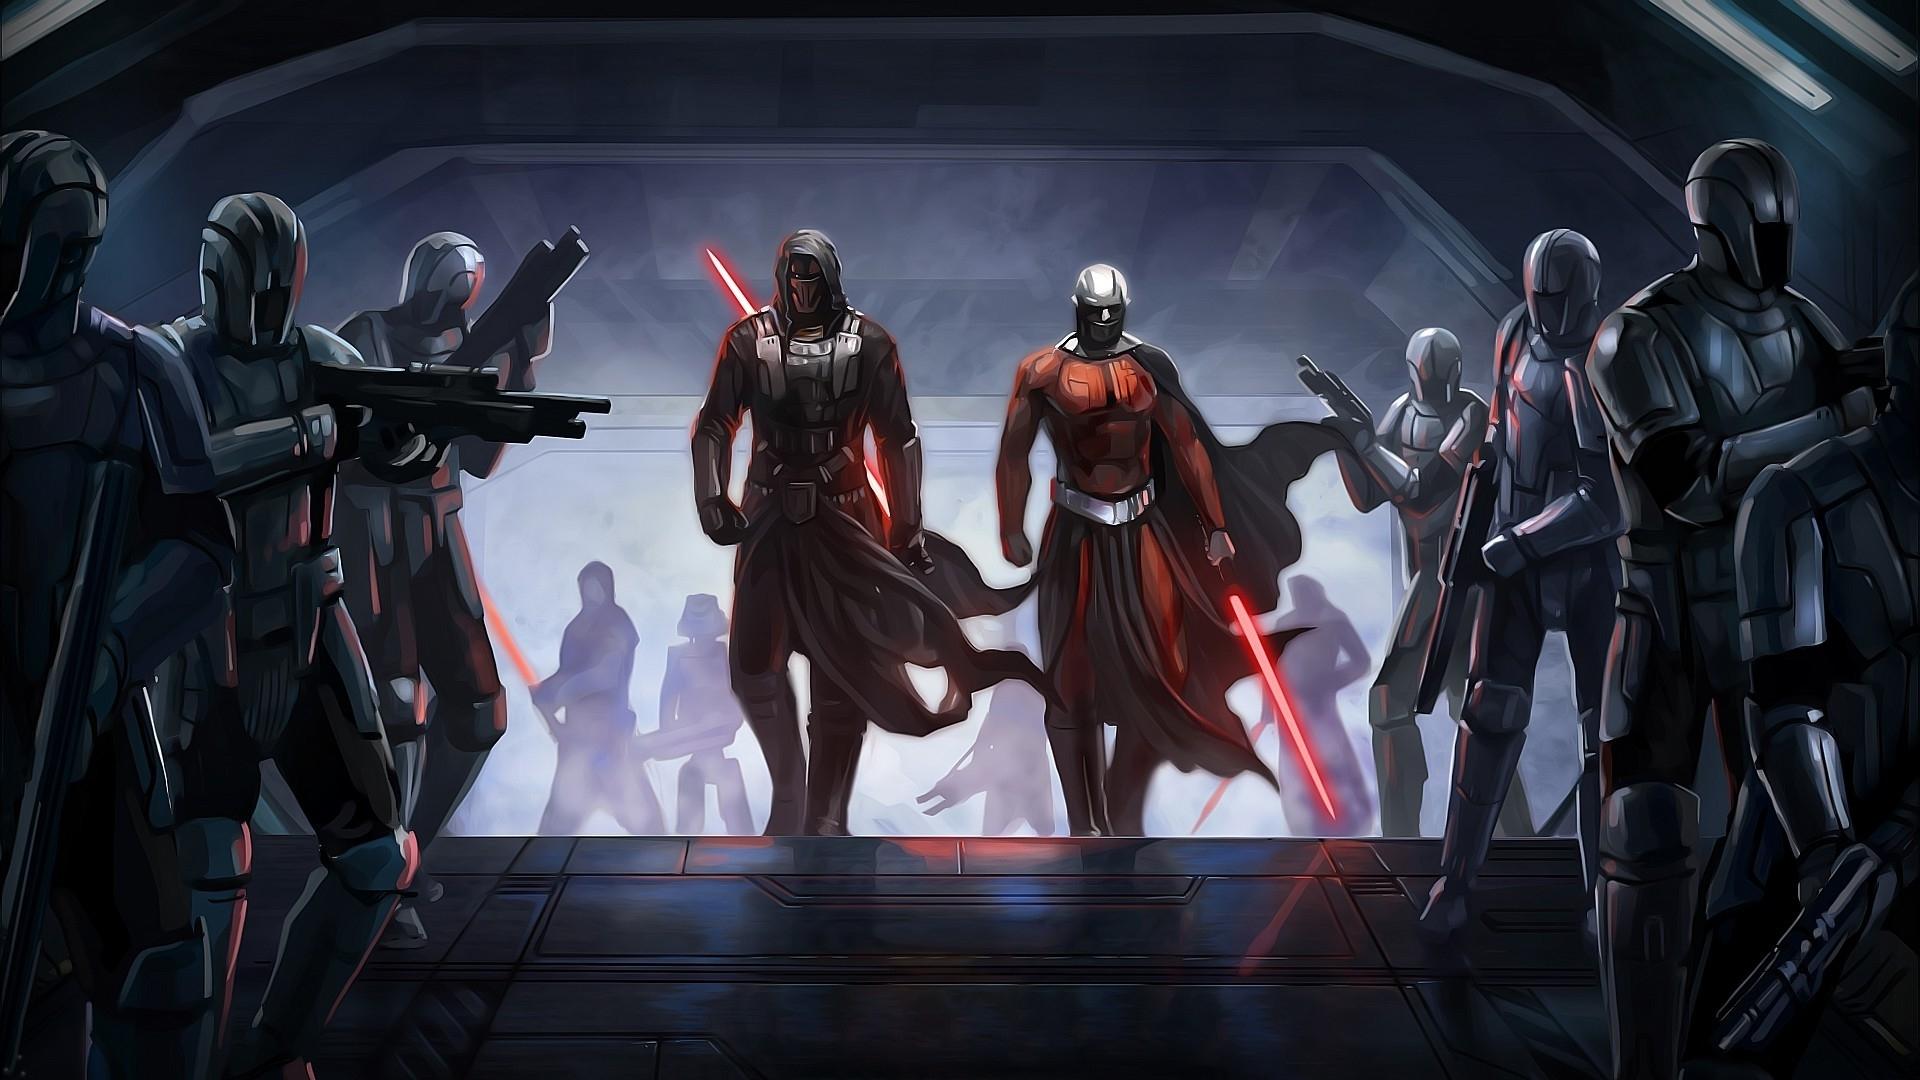 fond d'écran : guerres des étoiles, sith, sabre laser, star wars